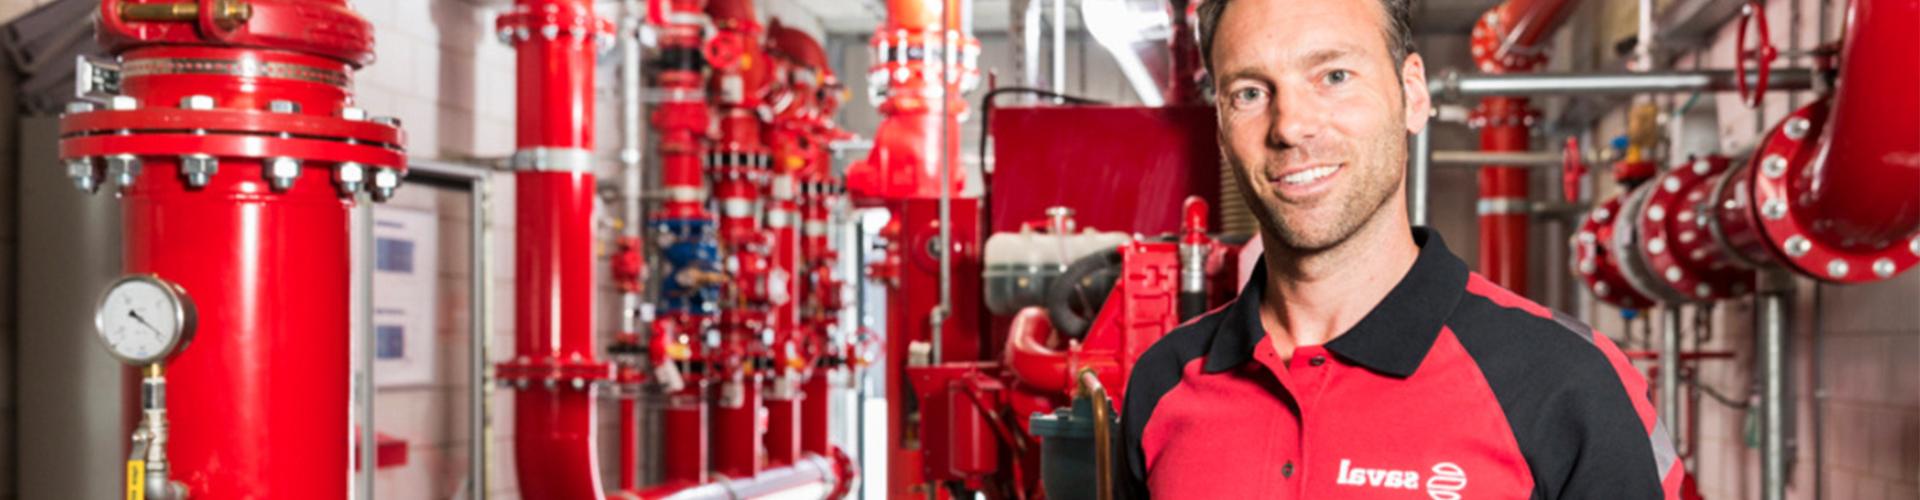 Außendienst Software für Saval Brandschutz – ORTEC